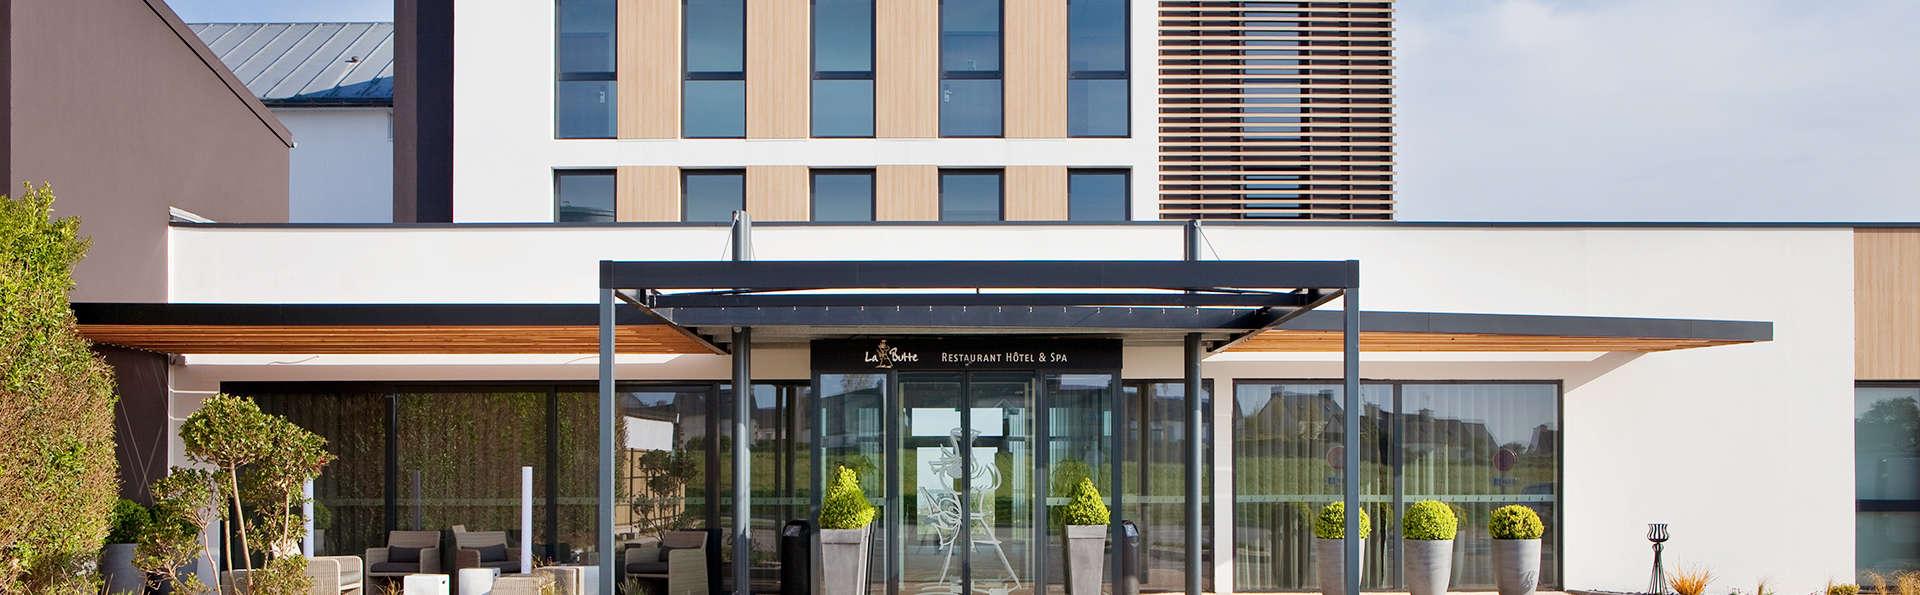 Hotel De La Butte hôtel de la butte 4* - plouider, france